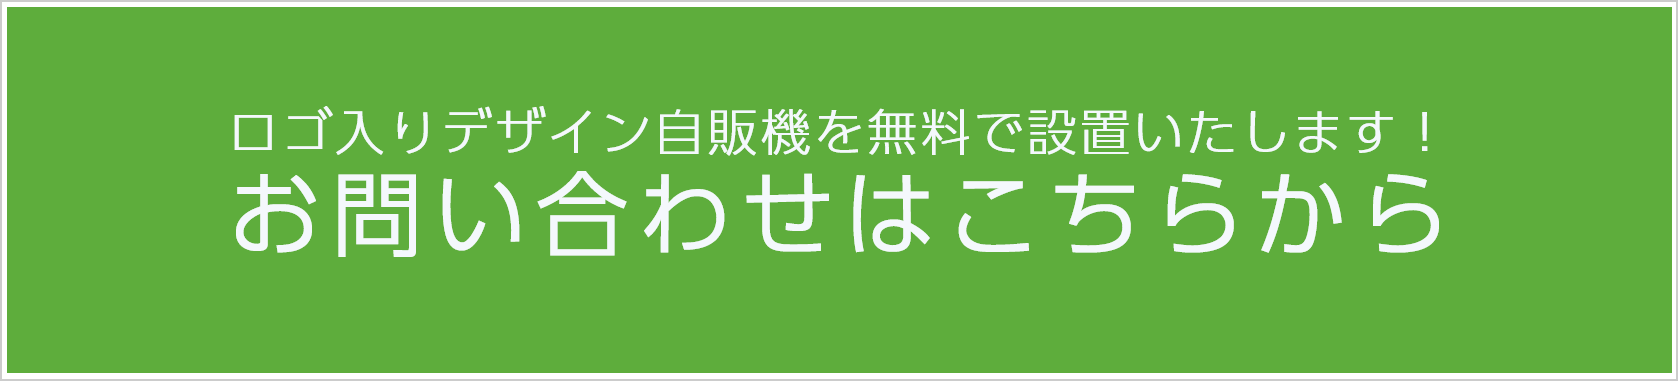 ボタンforロゴ